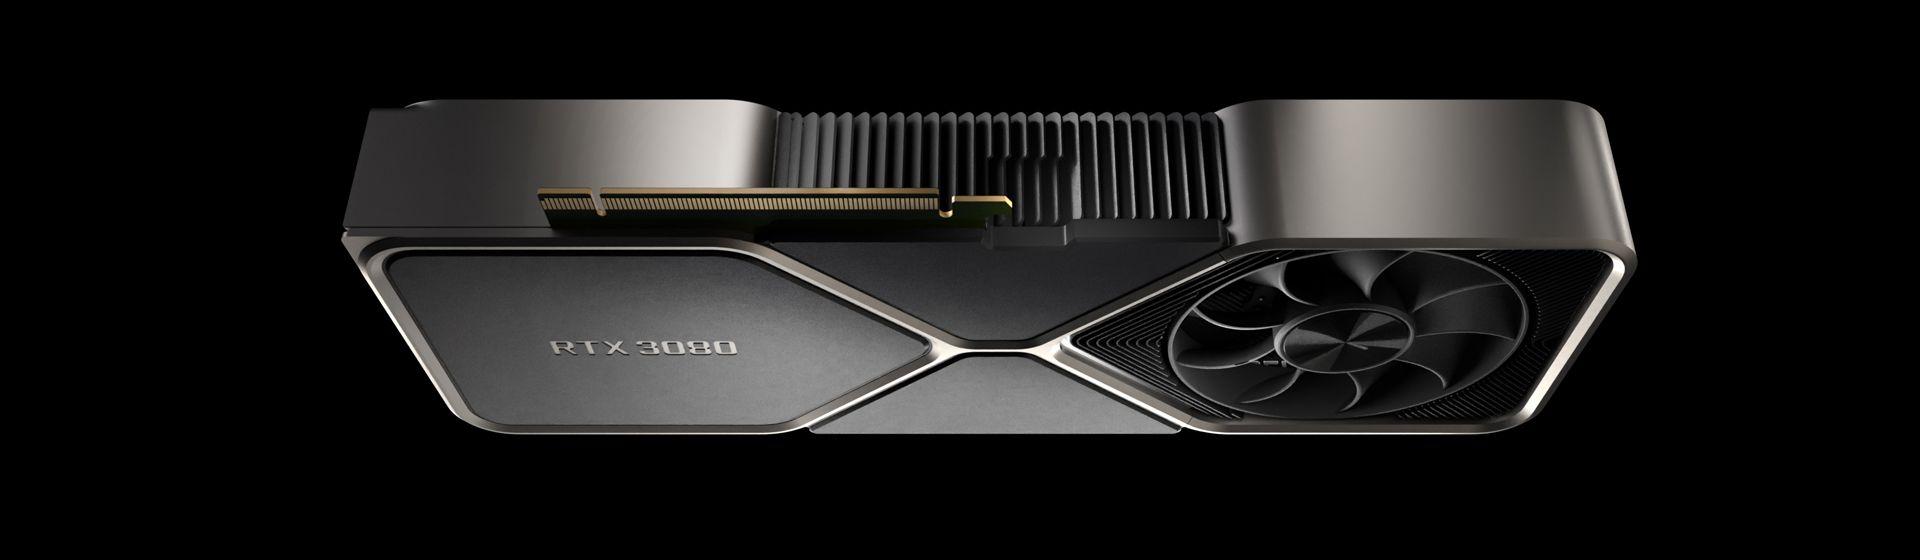 NVIDIA pode lançar RTX 3080 Ti em janeiro de 2021, segundo rumor